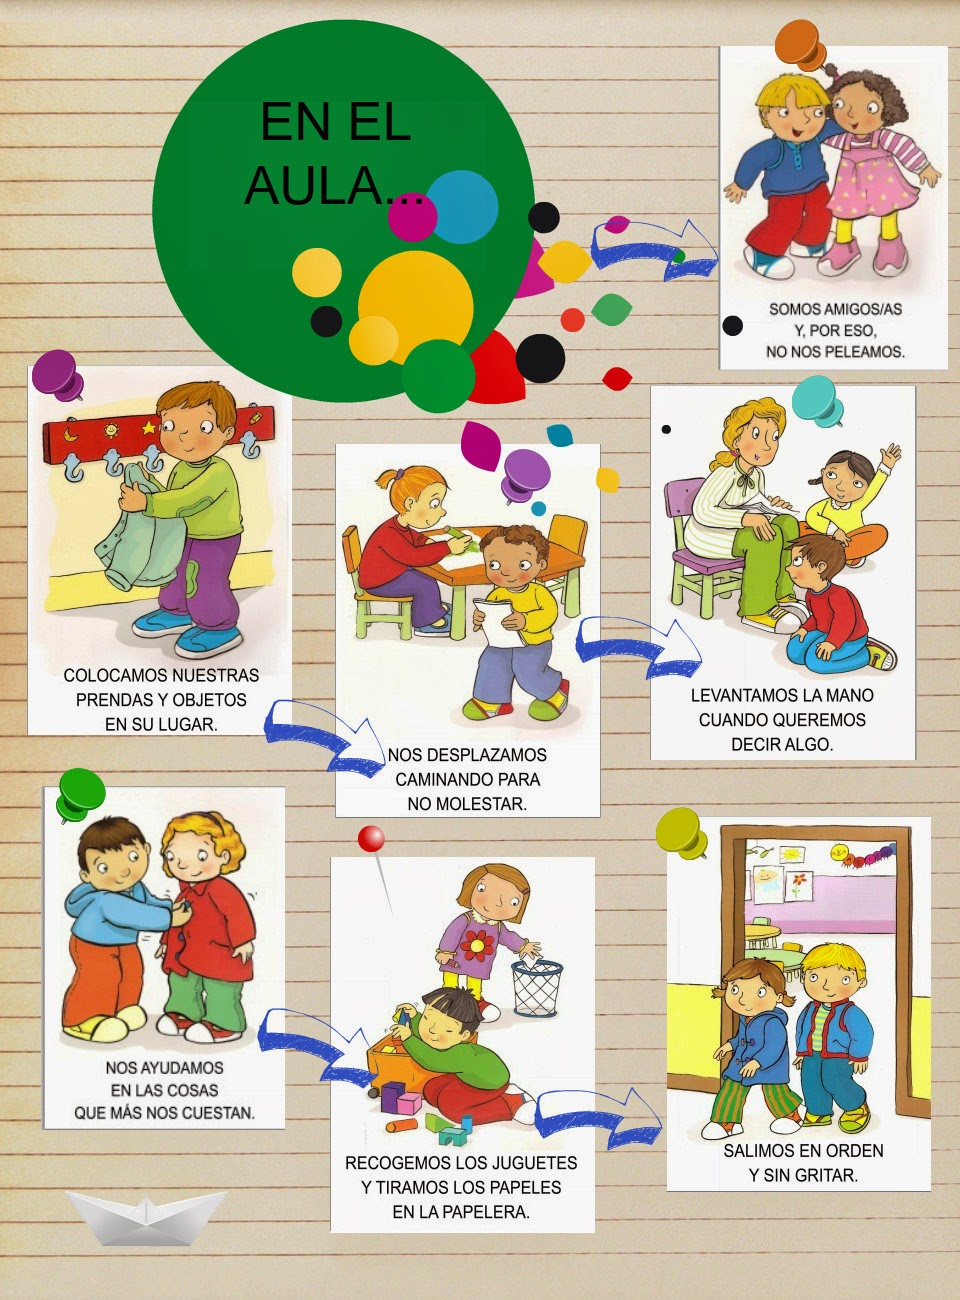 Cultura de paz normas de convivencia en el aula for 10 reglas del salon de clases en ingles